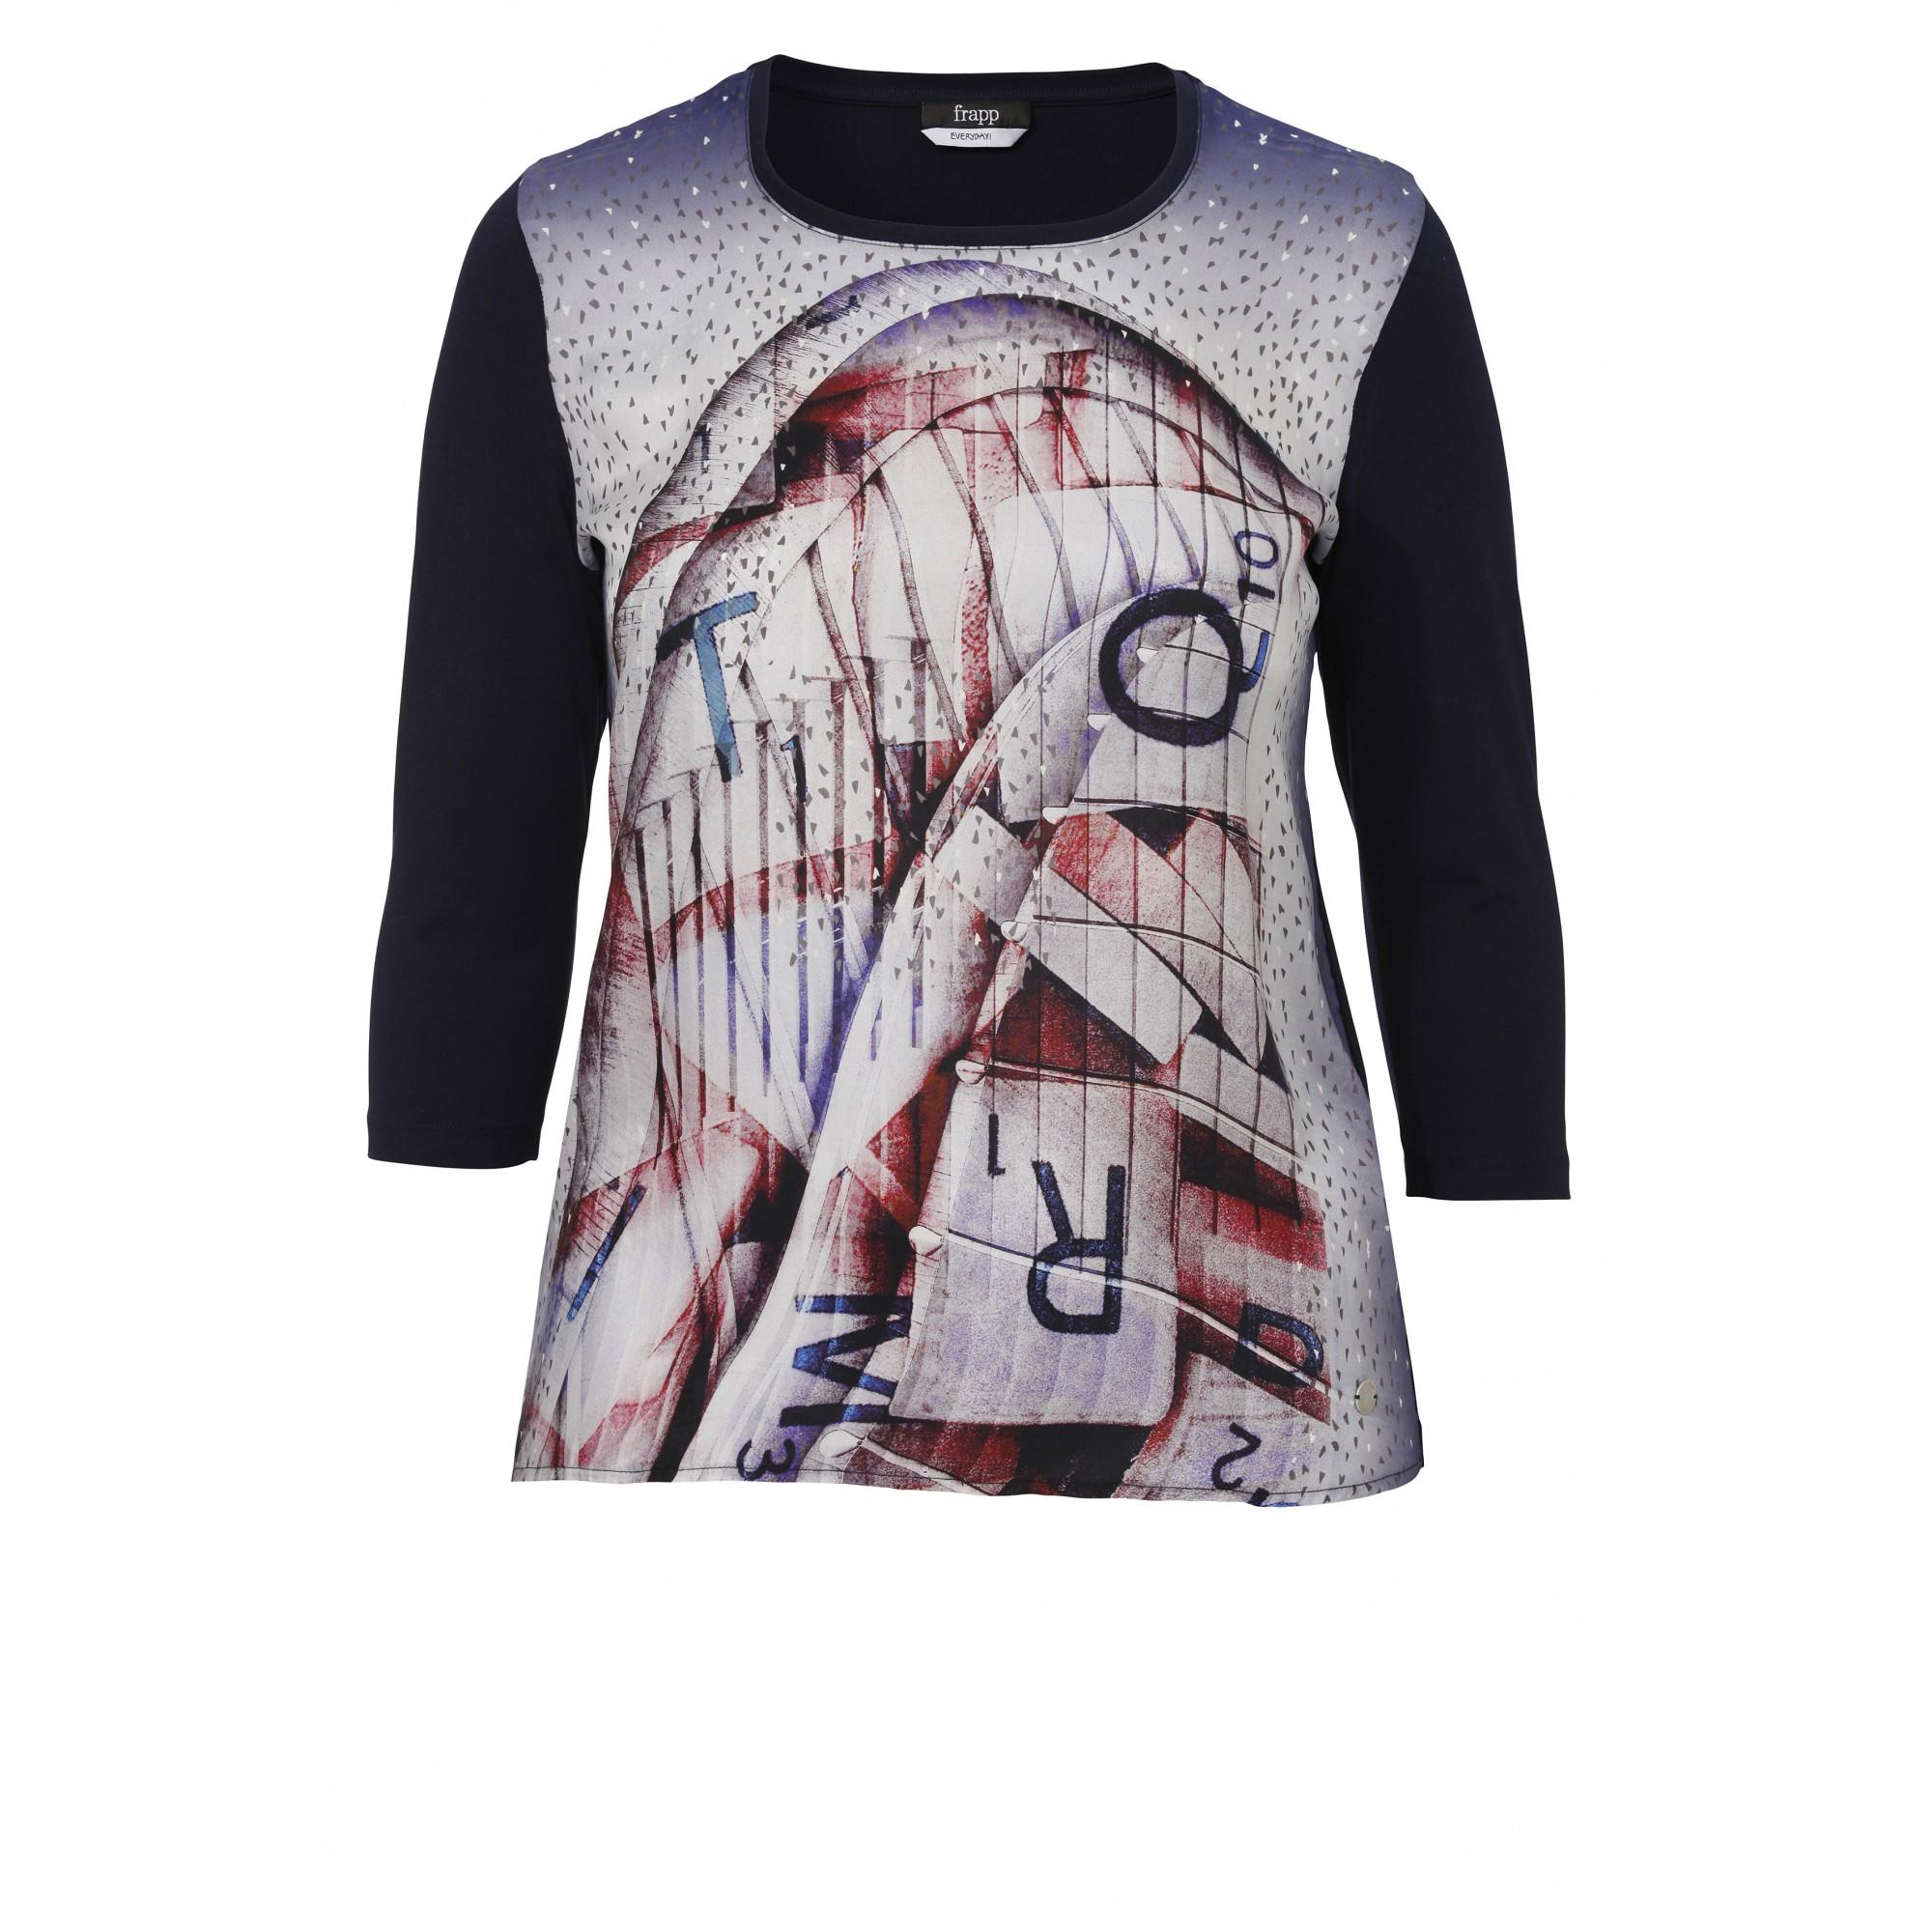 Cooles Shirt mit grafischem Motiv-Druck